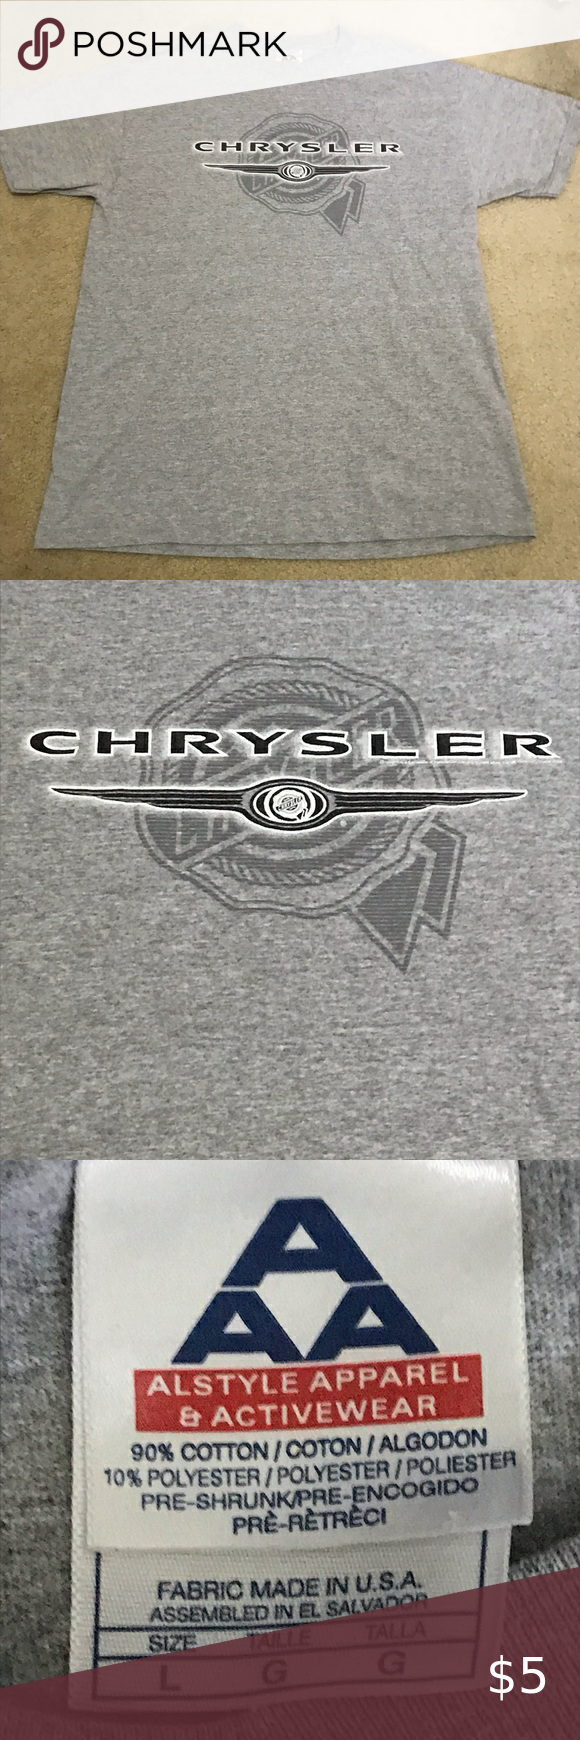 3 10 Chrysler Gray Short Sleeve T Shirt Chrysler Logo In Black And White On A Gray Short Sleeve Black Short Sleeve Tee Short Sleeve Tee Shirts Grey Shorts